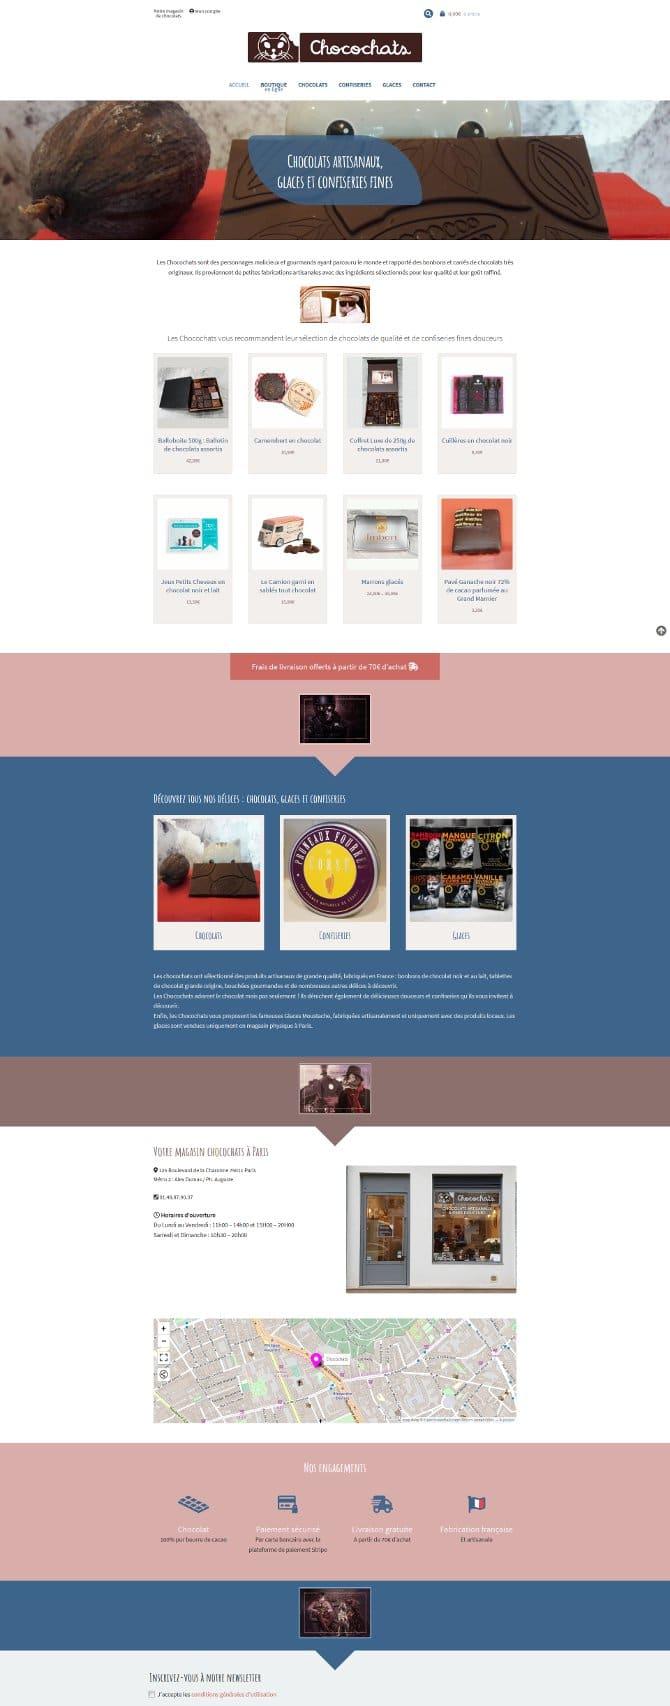 Page d'accueil du site Chocochats